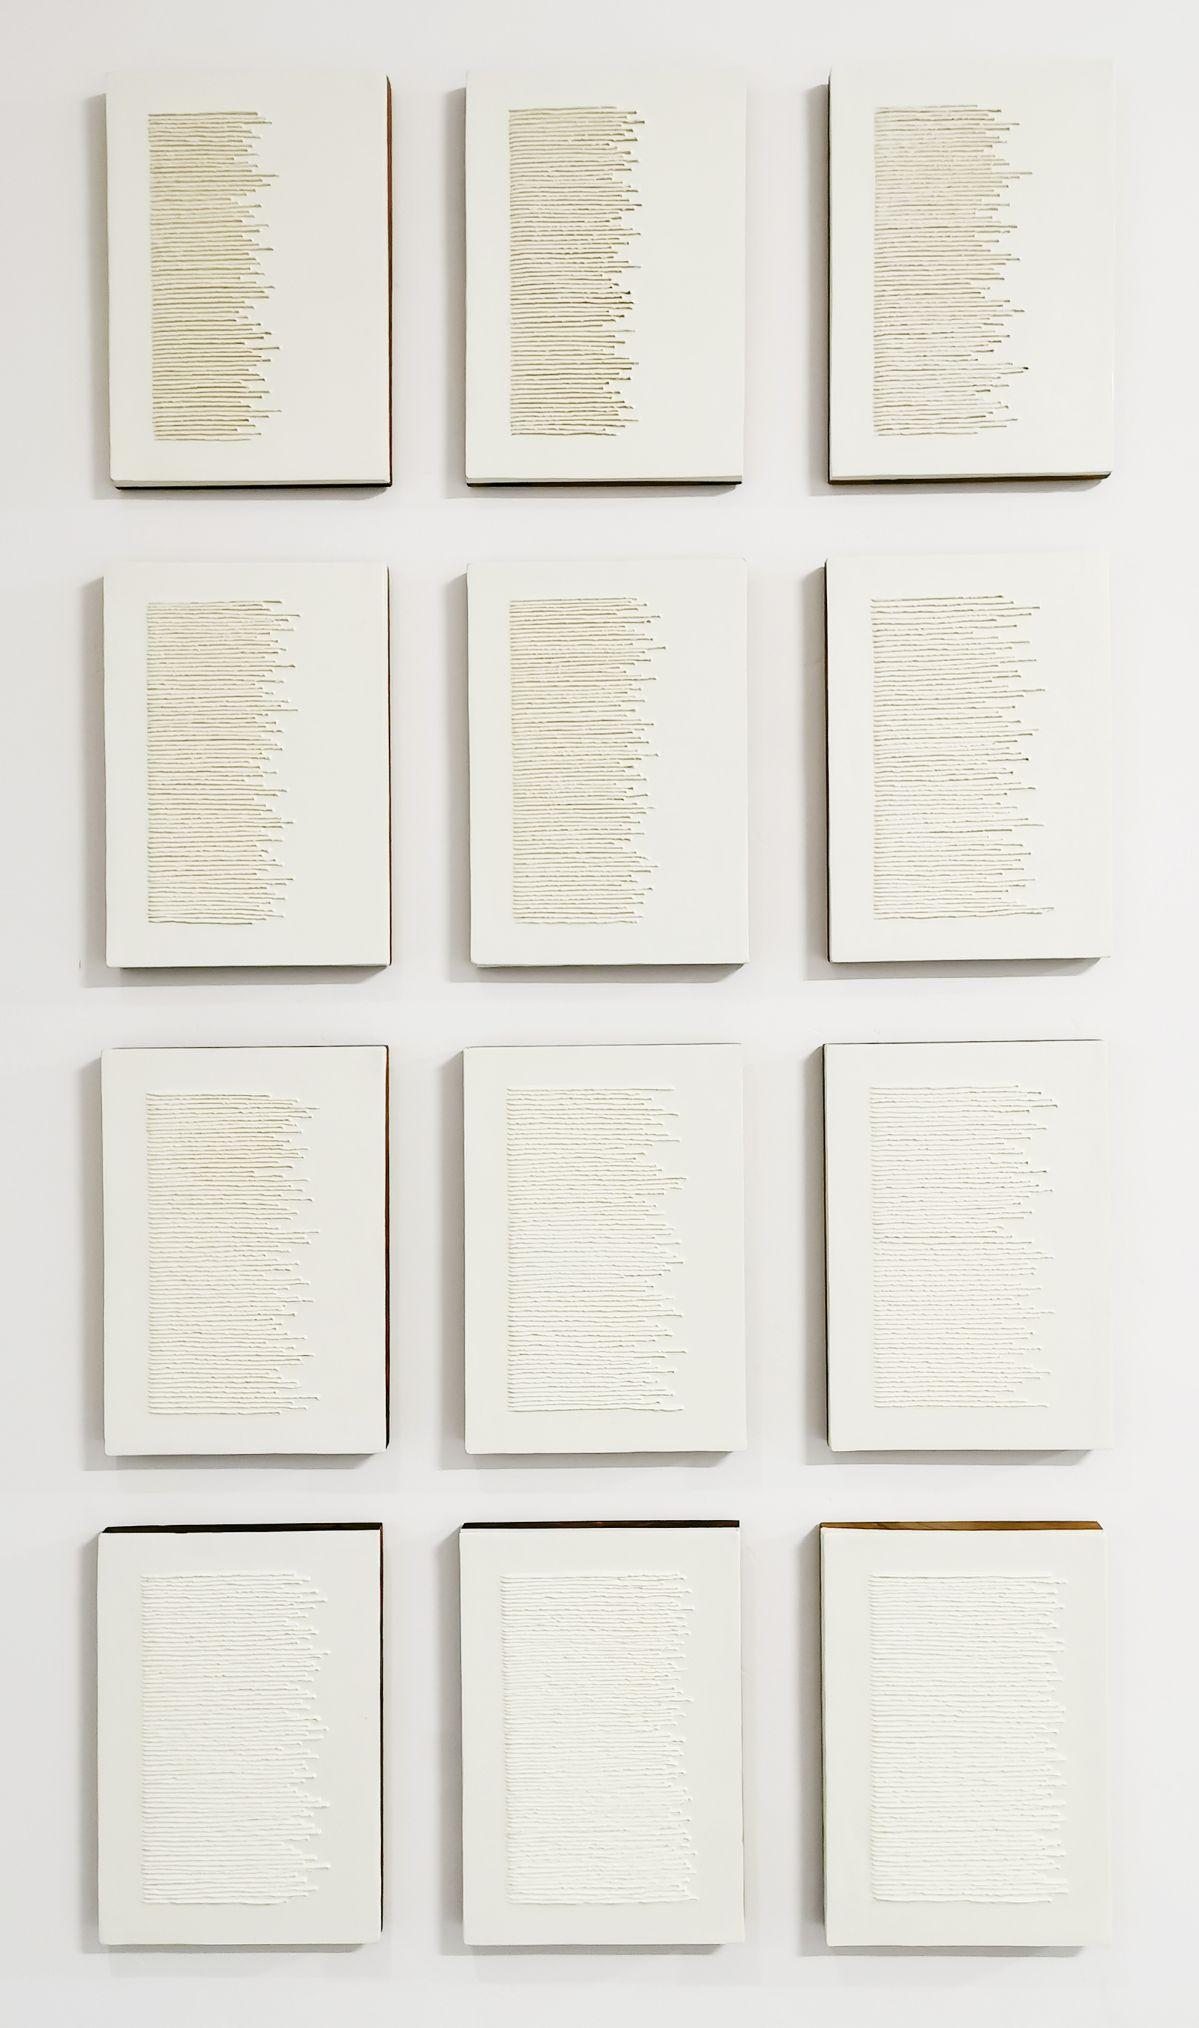 Pascale Hugonet - Épigraphie 1 (polyptyque), 2015 - Traces à la N5 Galerie - Montpellier